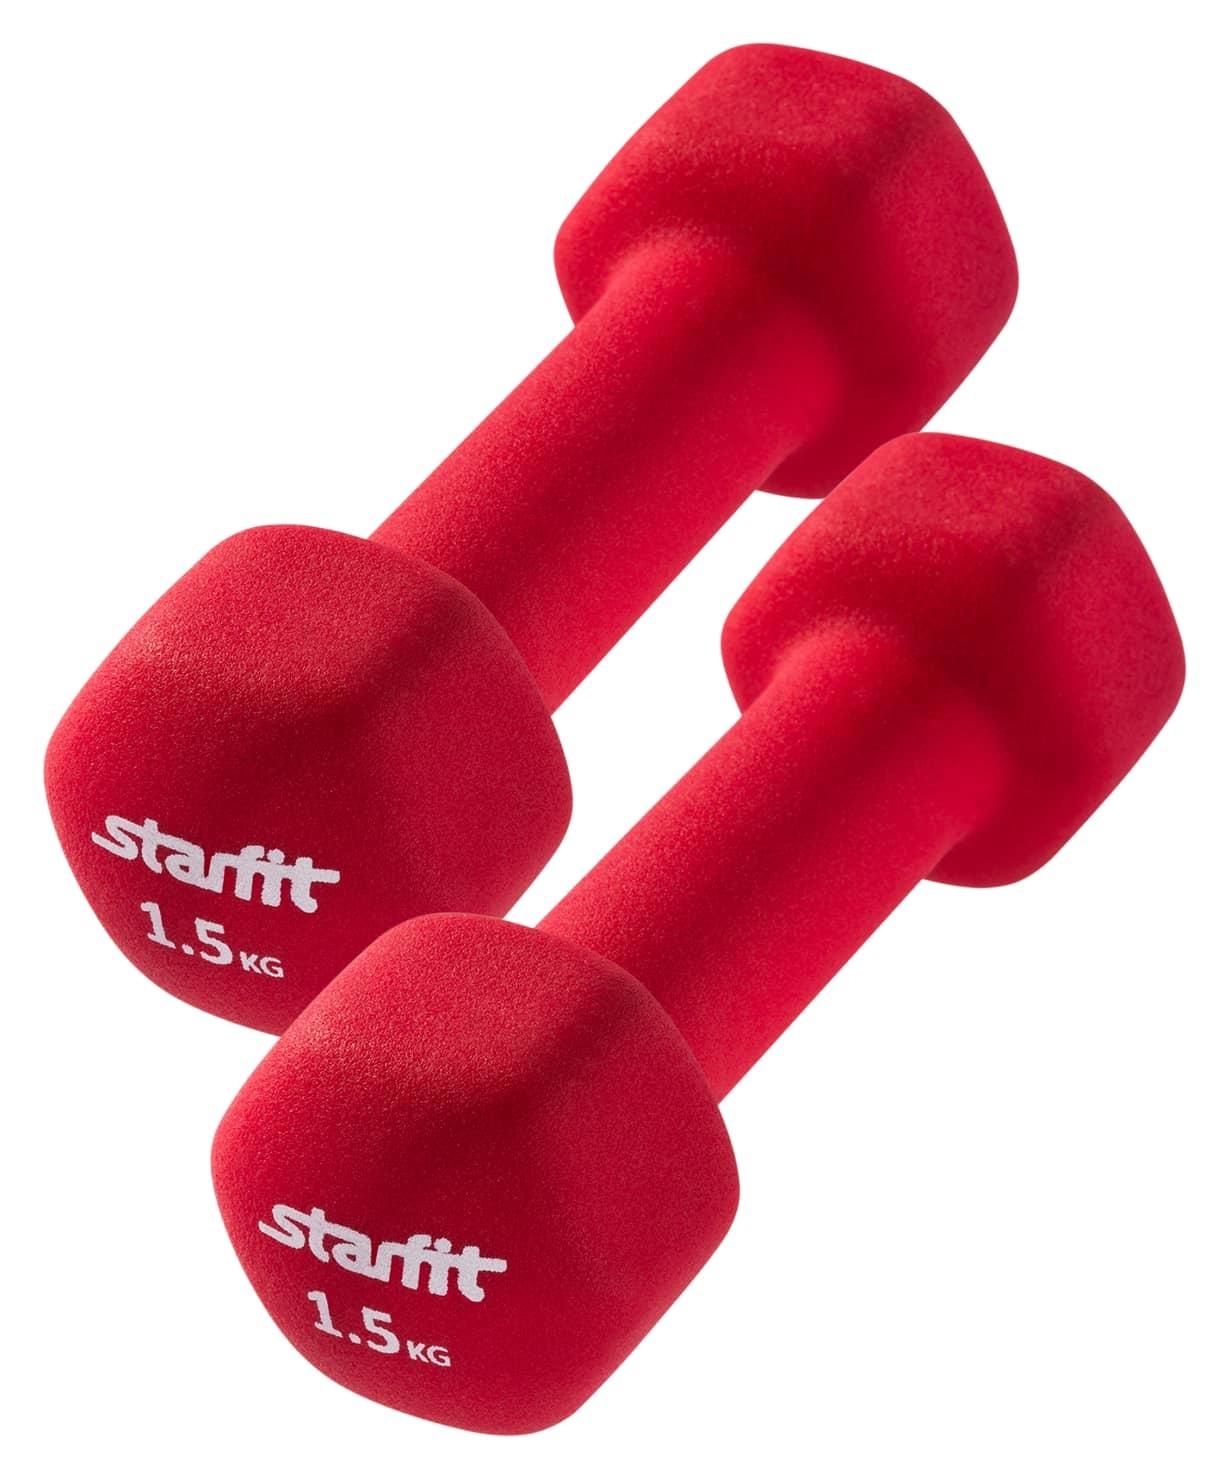 Гантель неопреновая, комплект STARFIT DB-201 1,5 кг, насыщенный красный, 2 шт